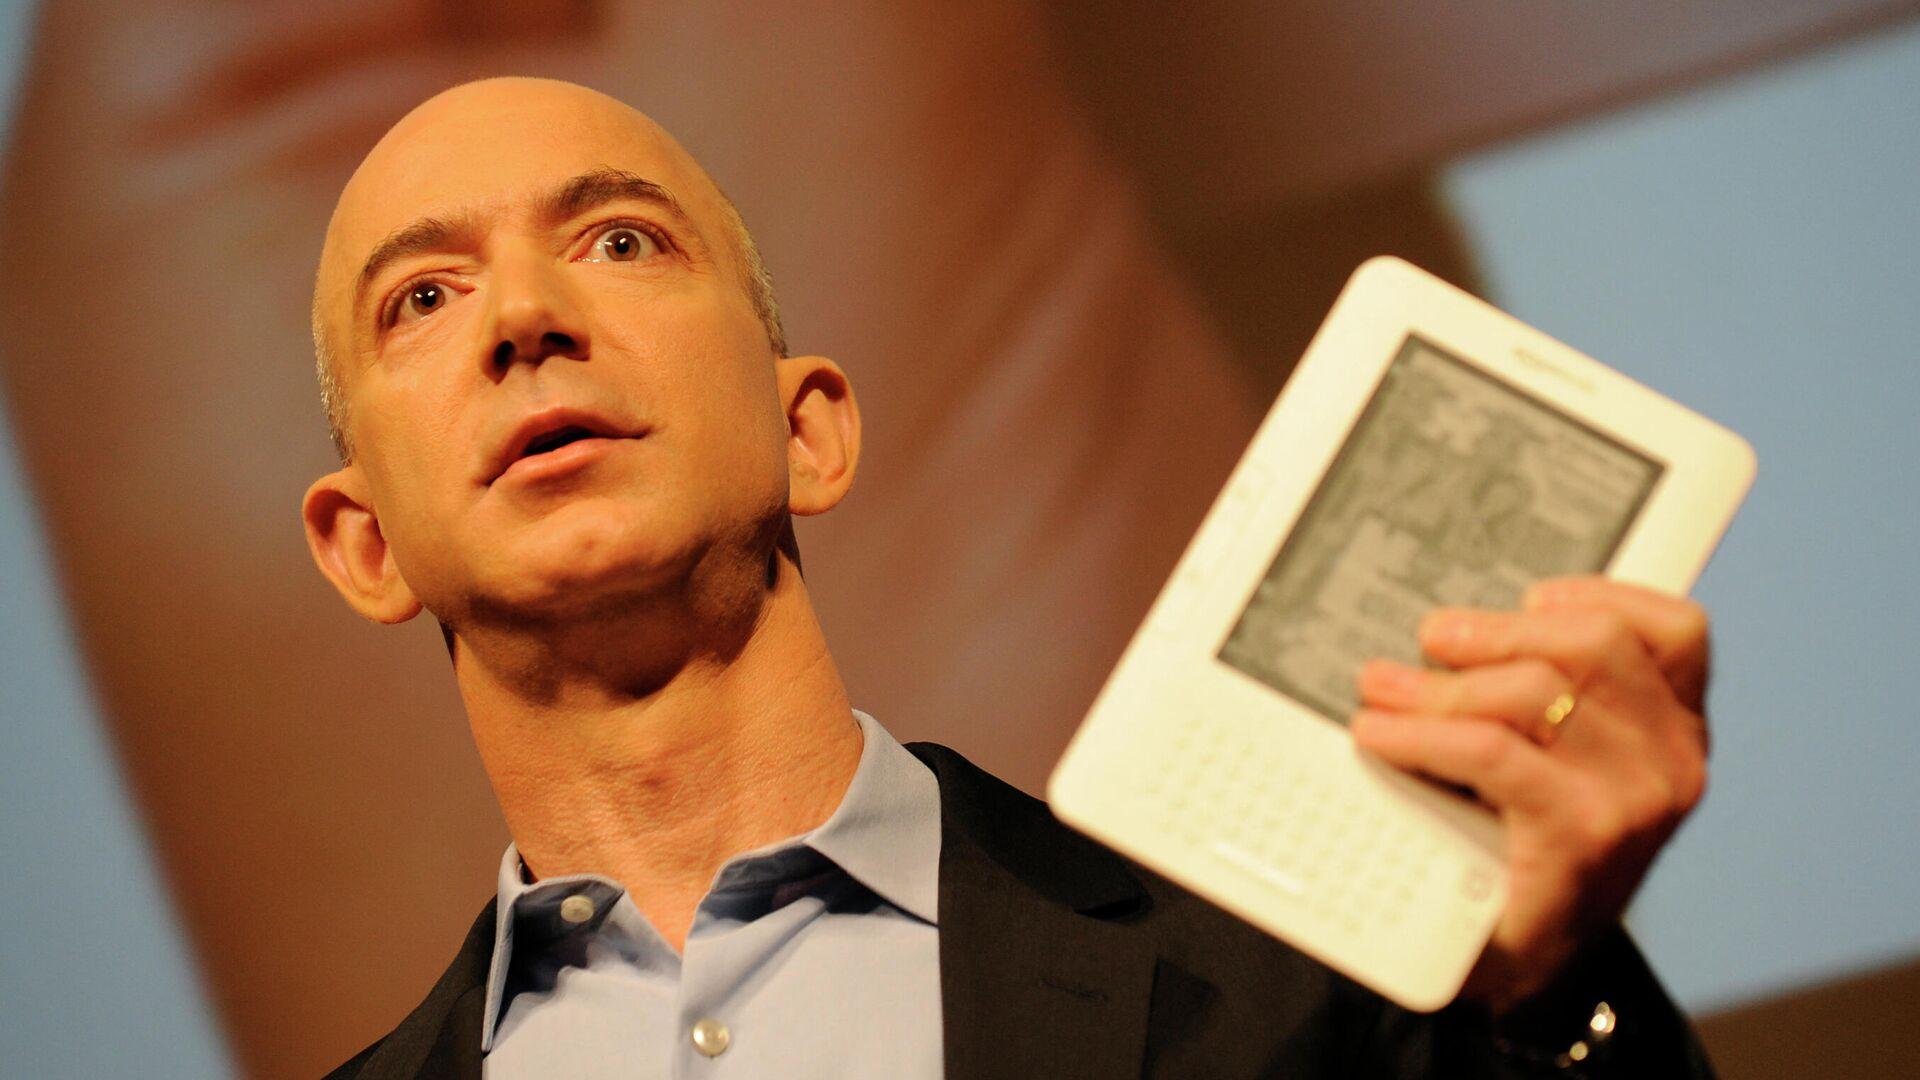 Jeff Bezos sujeta un libro electrónico Amazon Kindle, foto de archivo - Sputnik Mundo, 1920, 28.08.2021